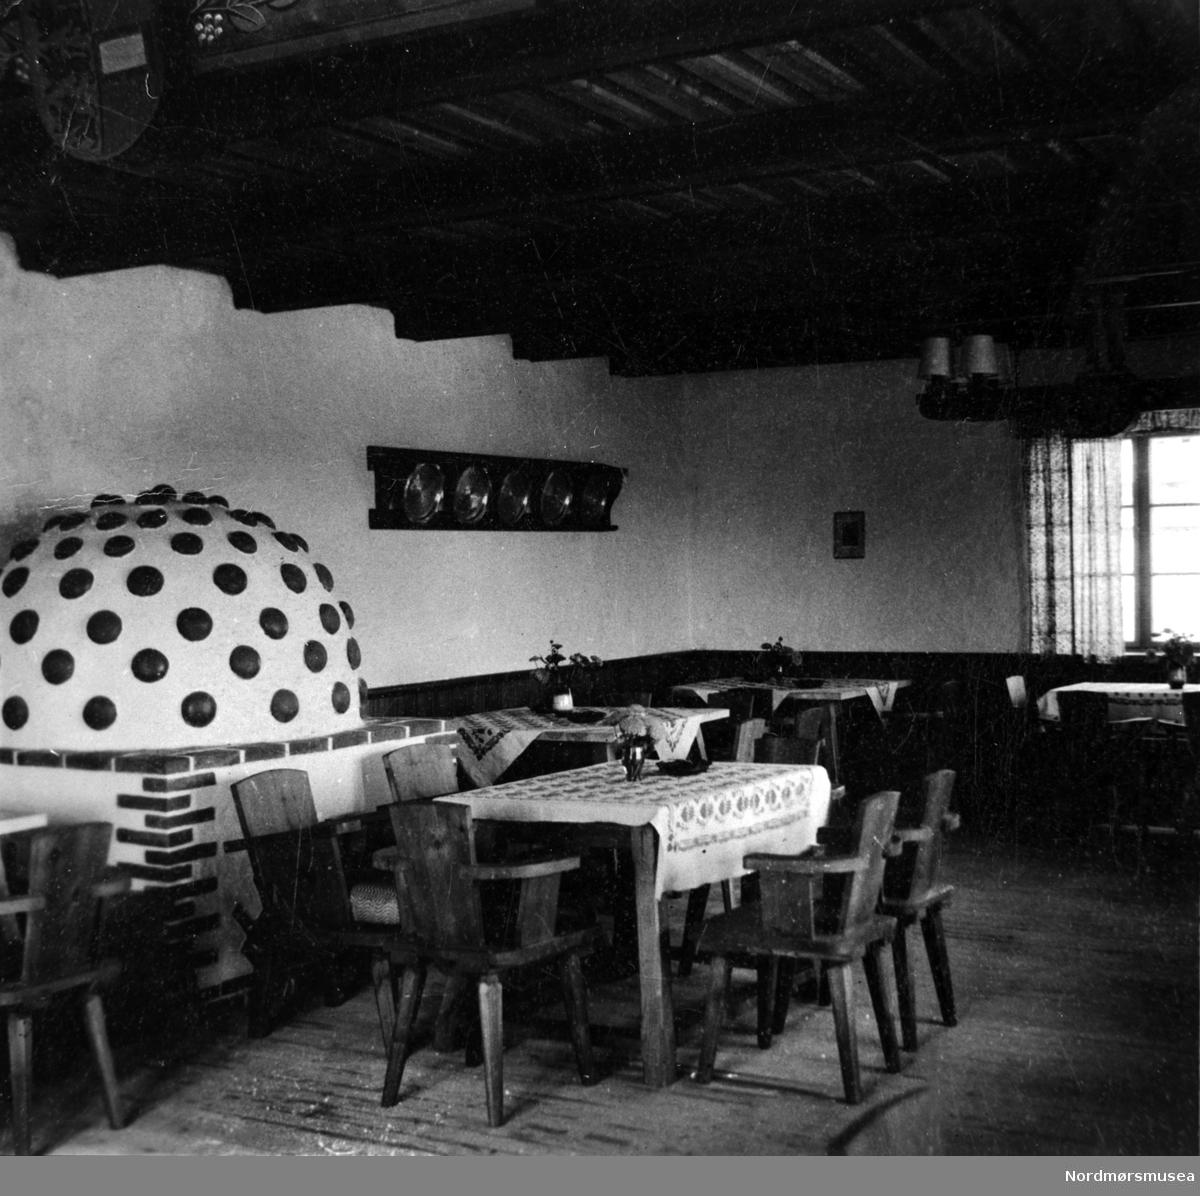 Kro, skjenkestue, peis, tysk.  Nordmøre museums fotosamling